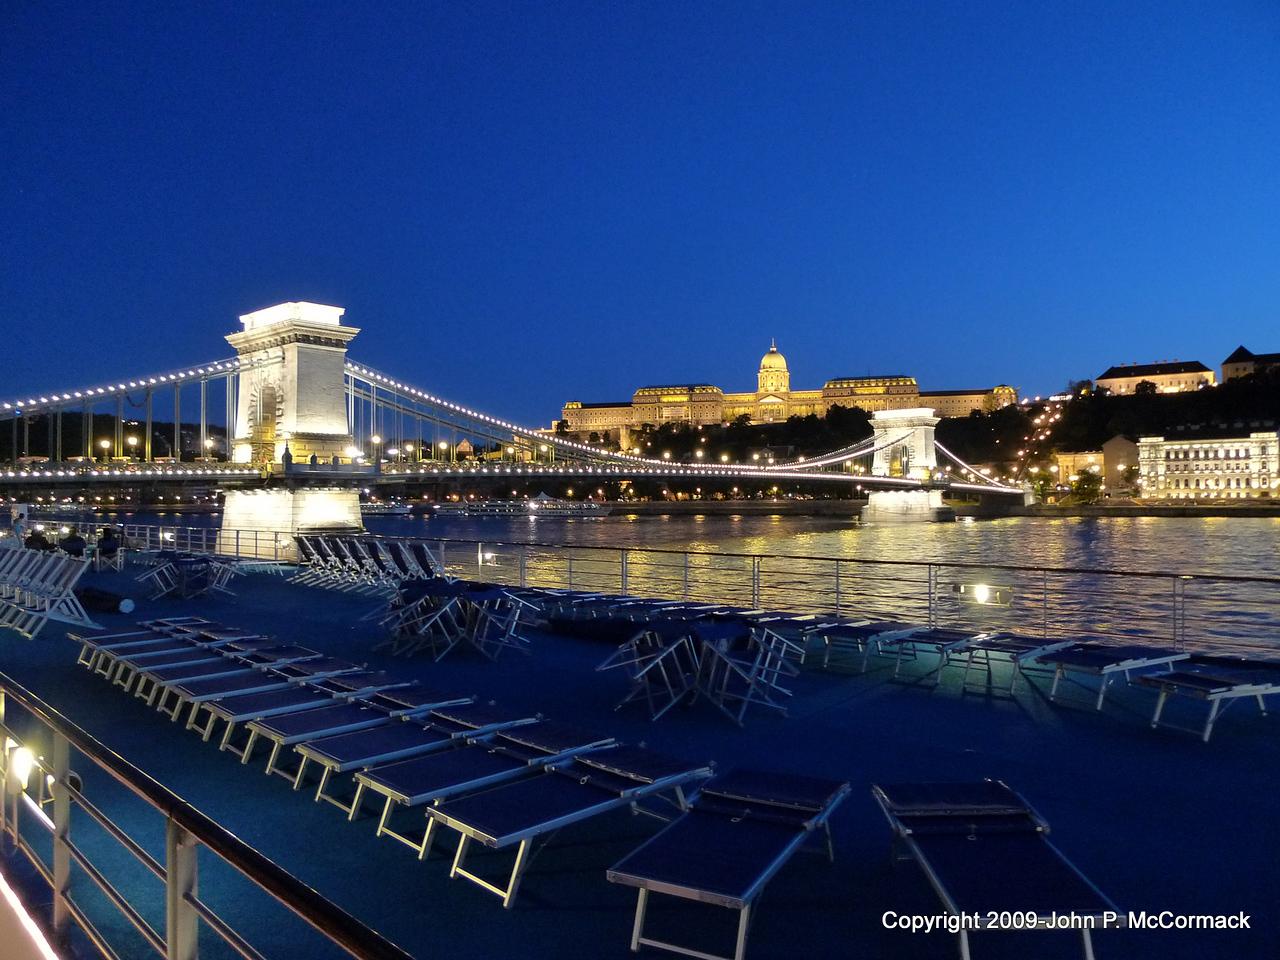 Budapest at night, Chain Bridge & Palace